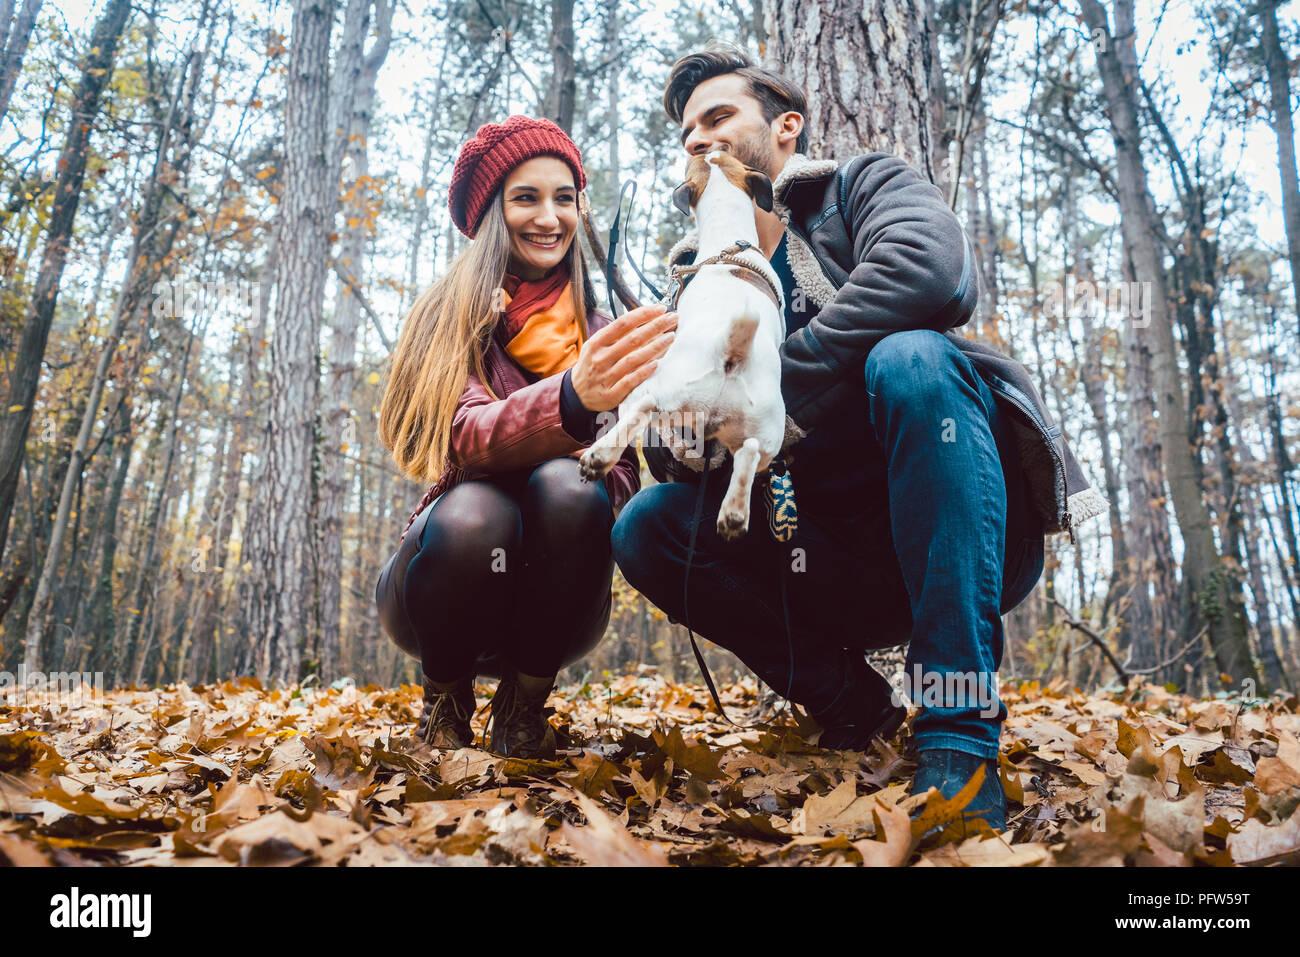 Paar von Frau und Mann spielt mit ihrem Hund im Herbst Stockbild